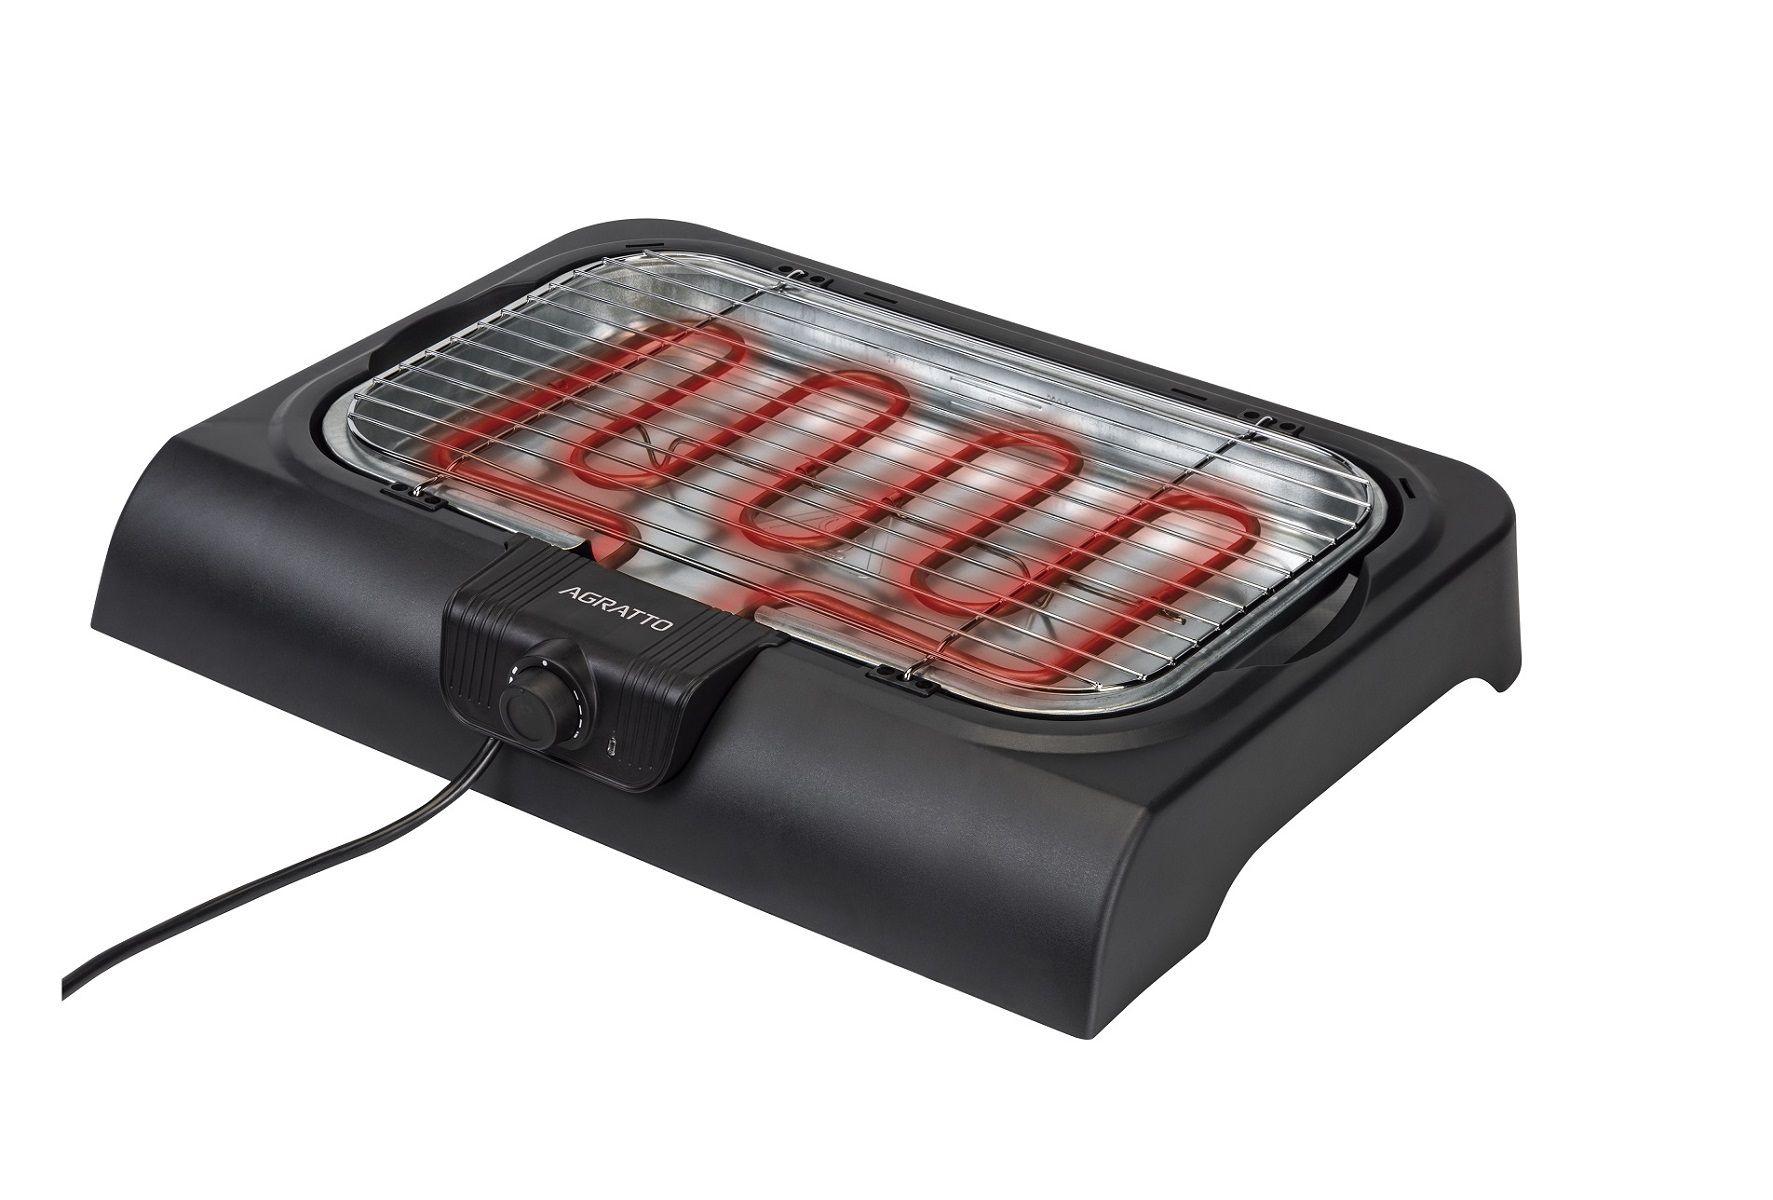 Churrasqueira Elétrica Grill com regulagem Mr Cheff 2 Agratto CH2  - Mix Eletro